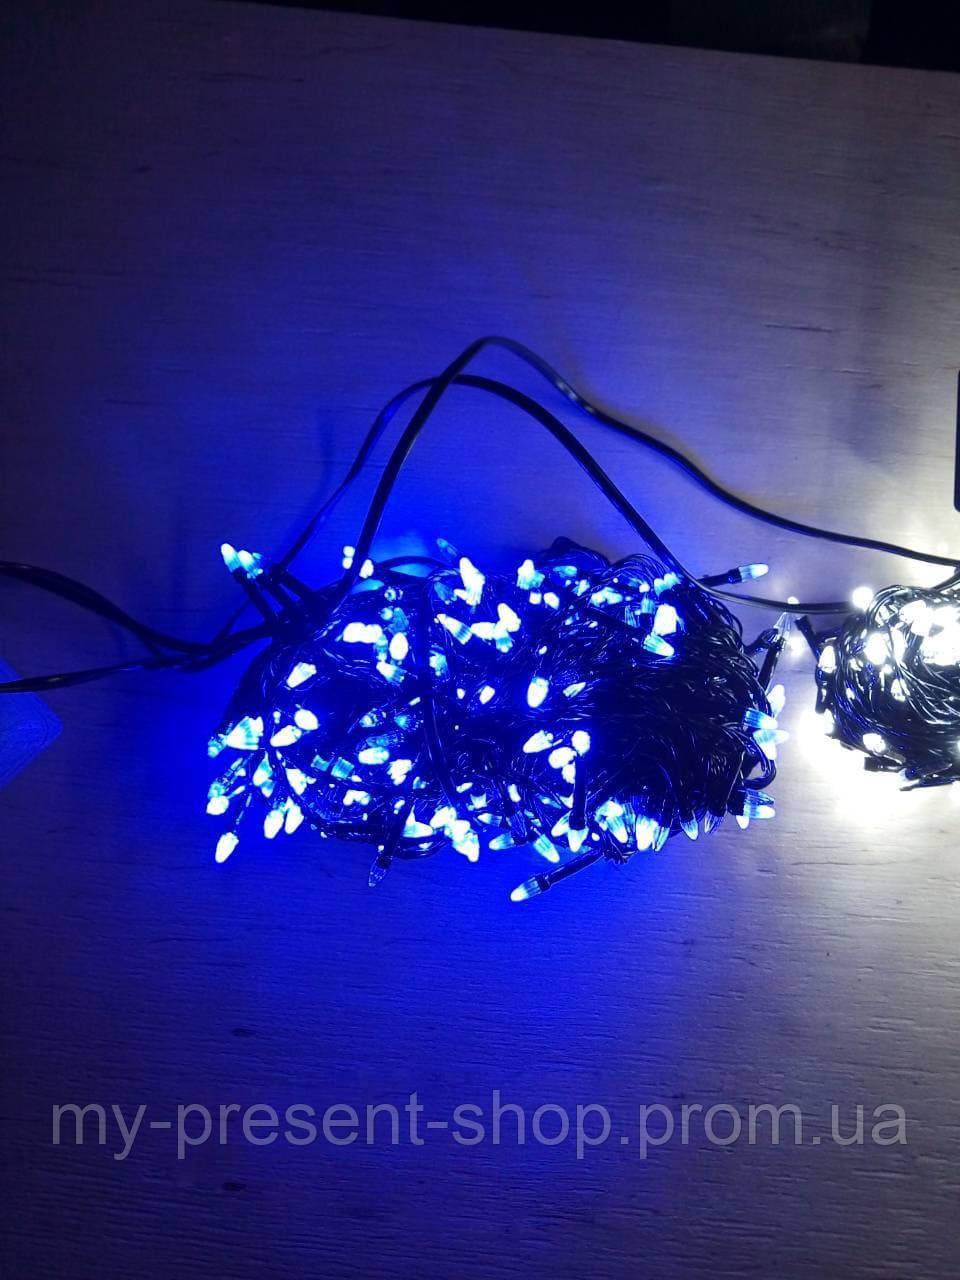 Новогодние светодиодные гирлянды и лампы Новогодняя светодиодная гирлянда КОНУС 300LED 19,5м синий